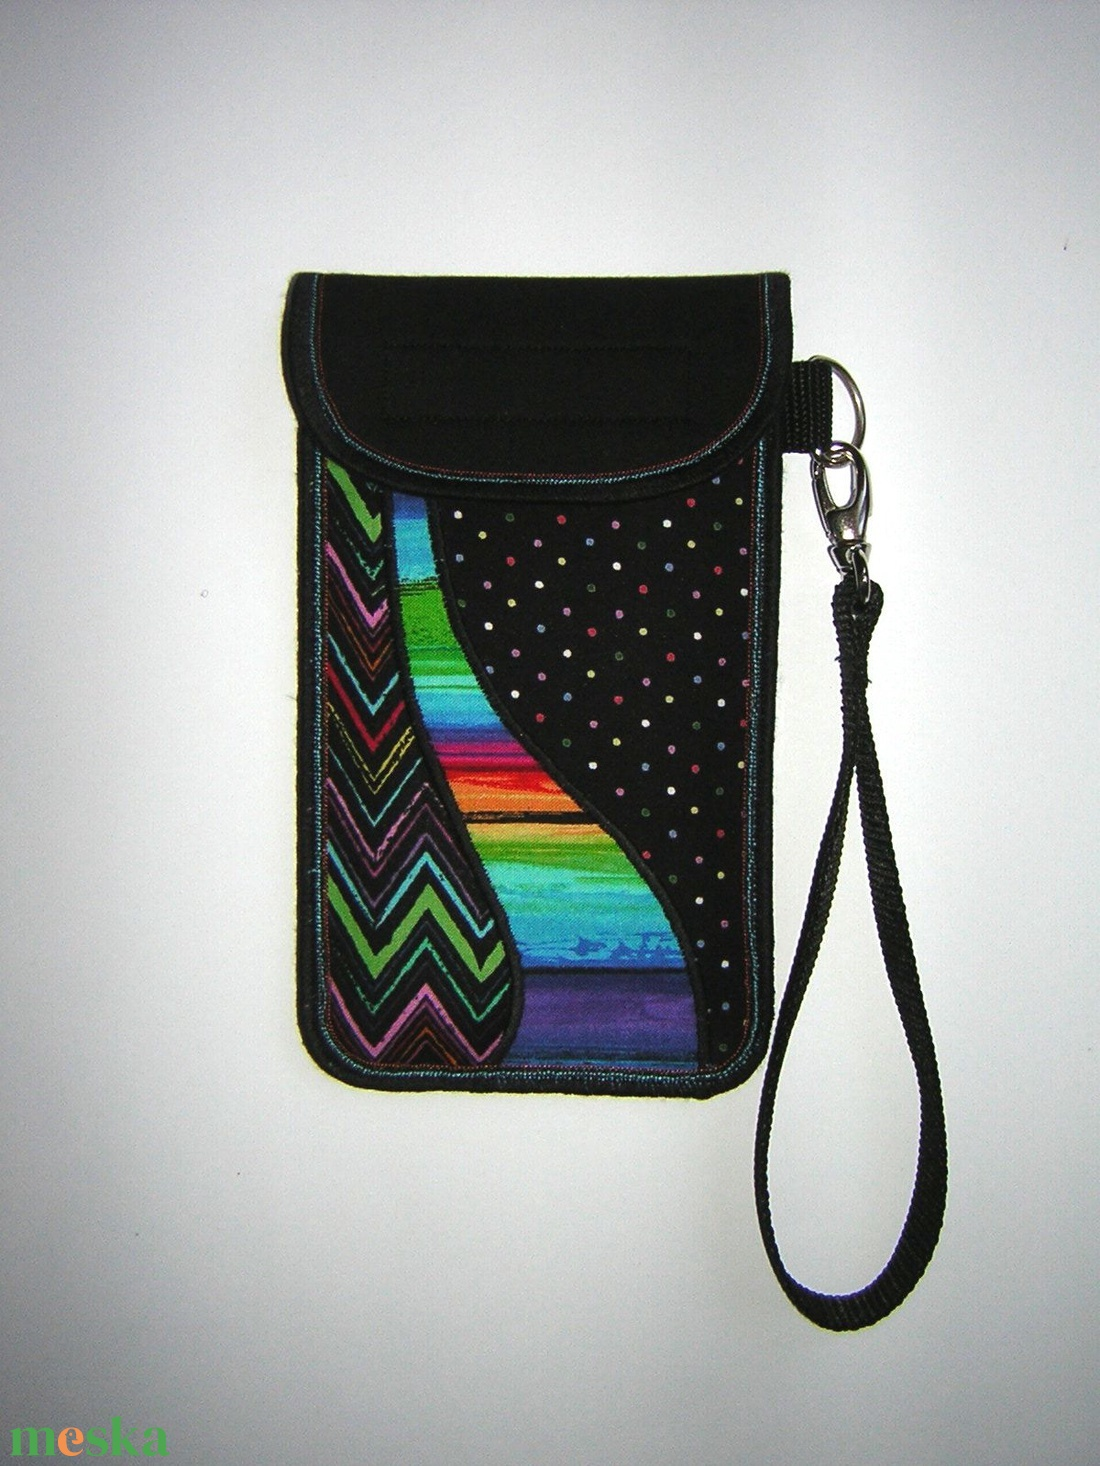 Egyedi Mobiltok kis csuklótáska XL-es méretű telefonokhoz pluszos mobilokhoz Színes-Vidám - táska & tok - pénztárca & más tok - telefontok - Meska.hu